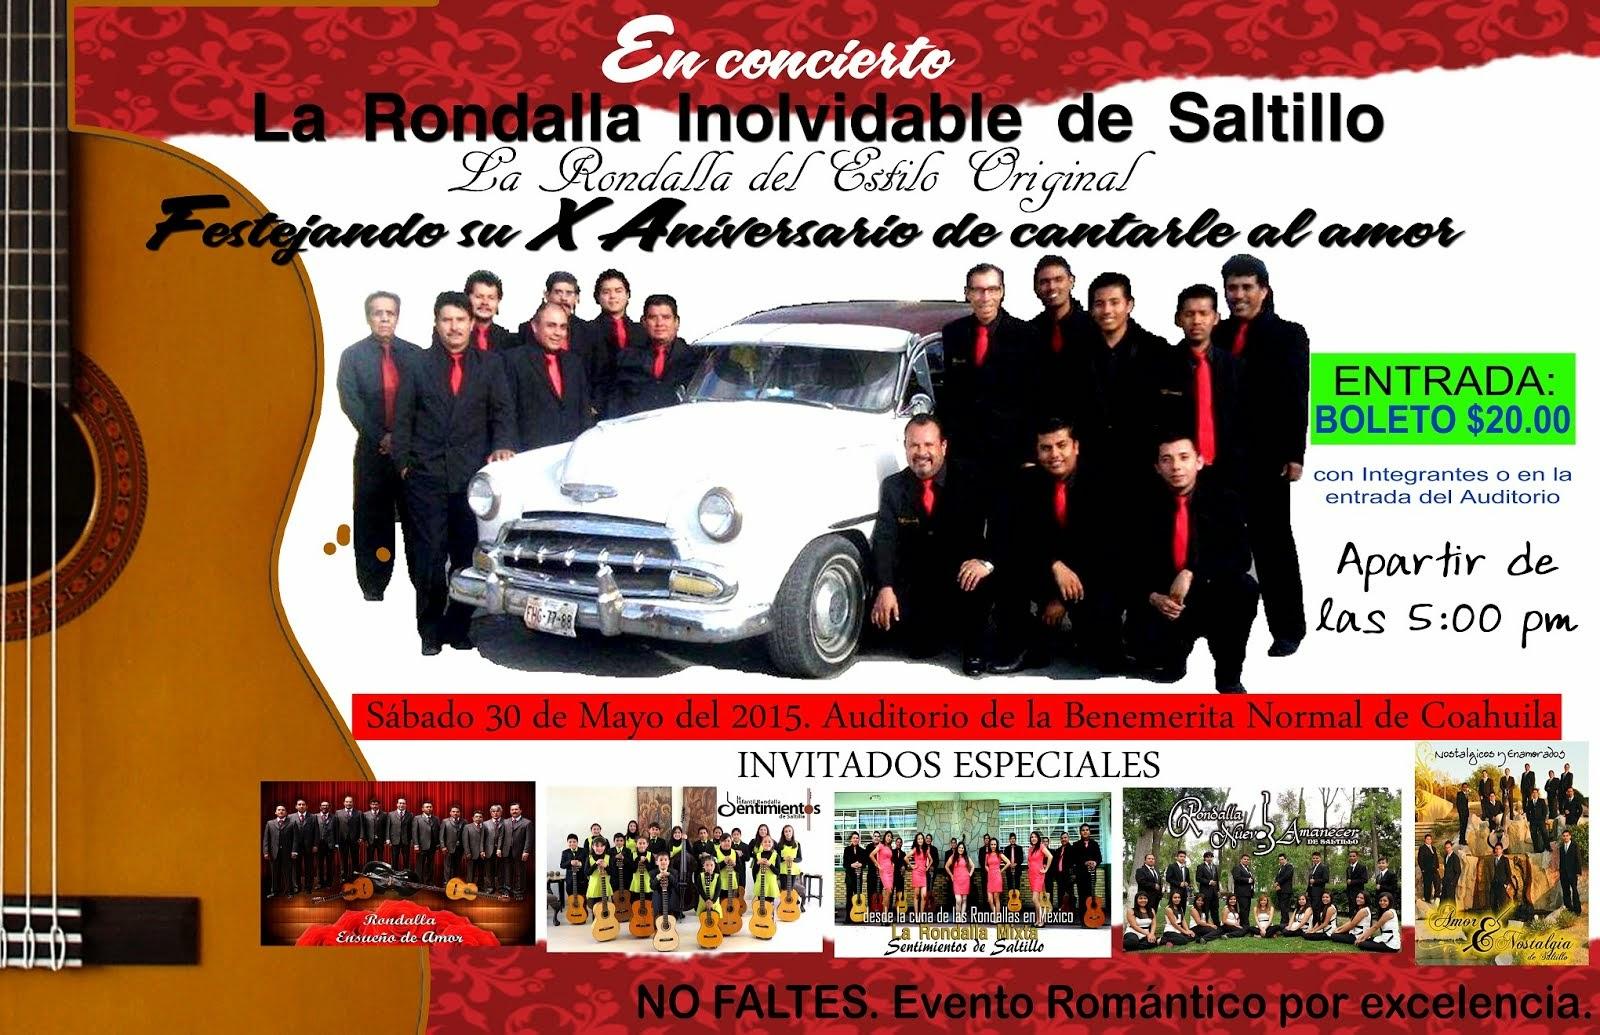 X Aniversario Rondalla Inolvidable de Saltillo